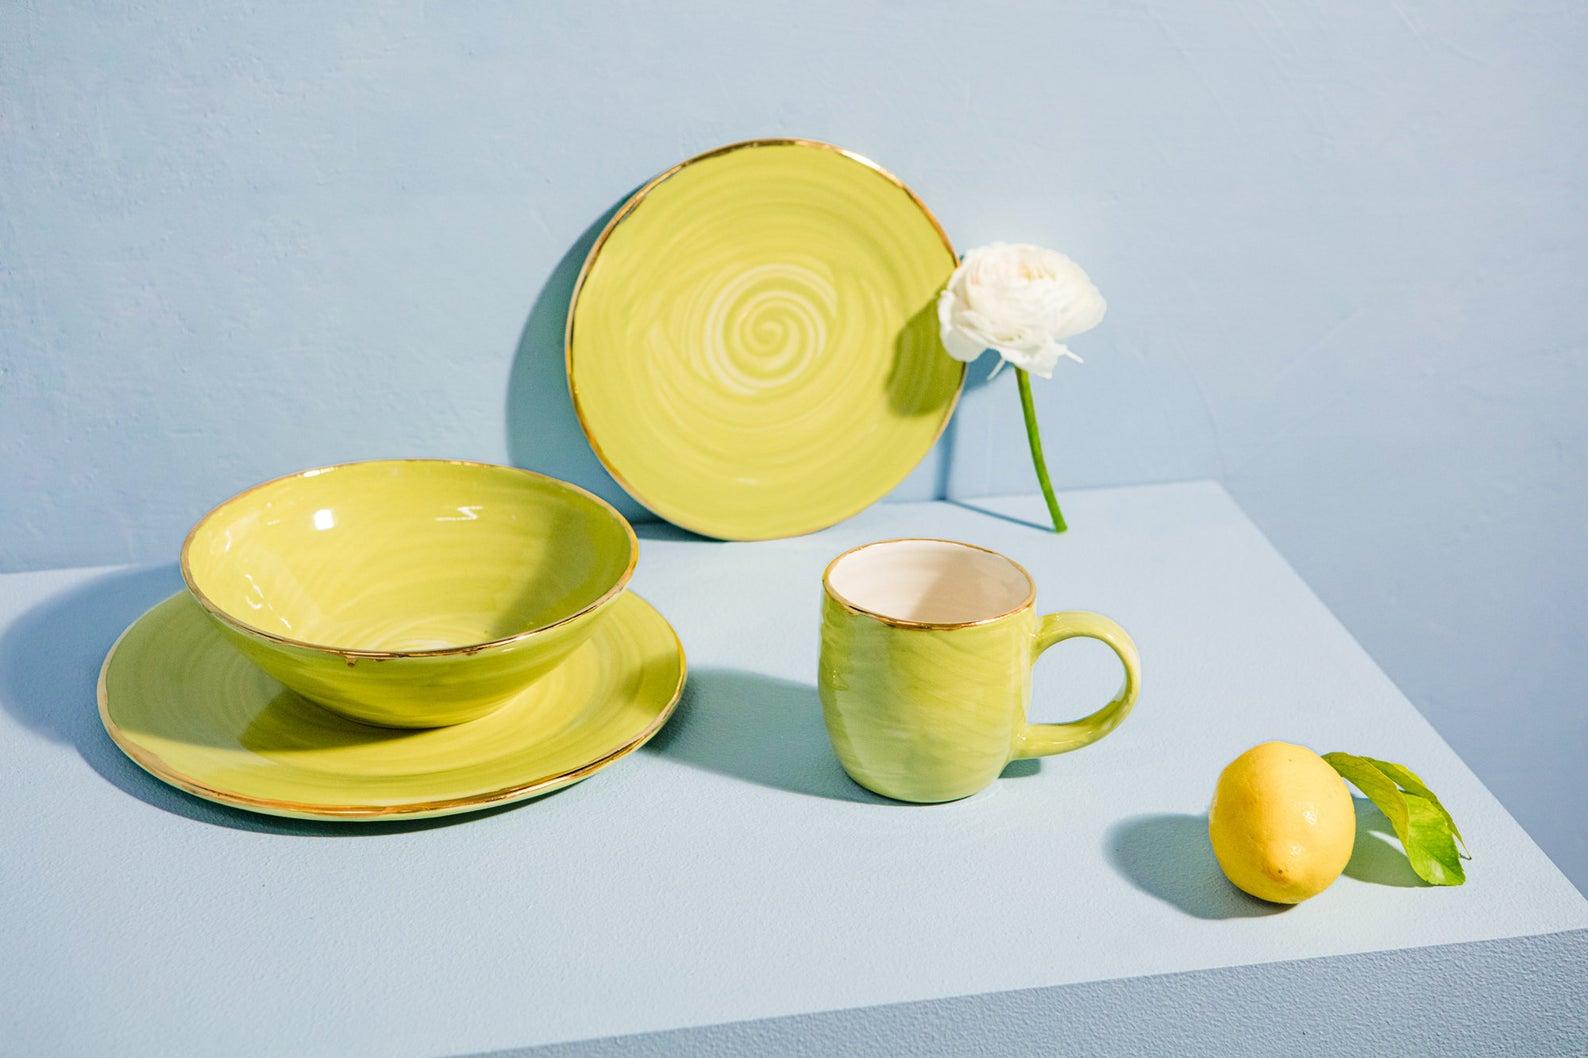 Service de table en céramique anis et bordure dorée, à partir de 60,84€.